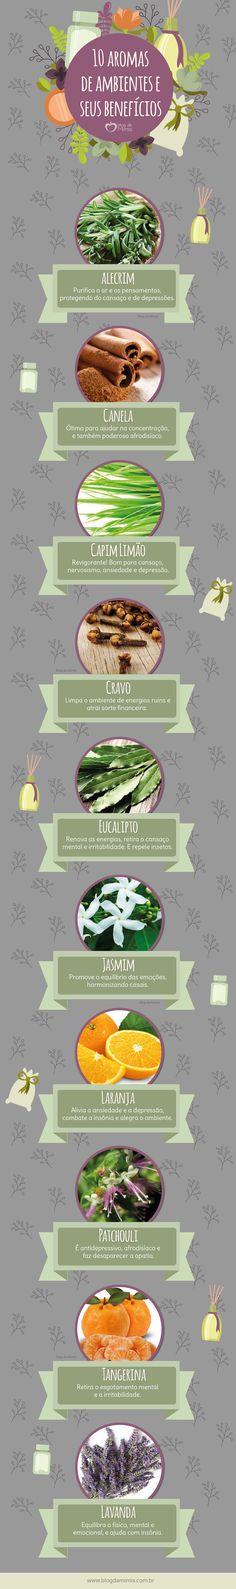 Cheirinho bom: 10 Aromas de ambiente e seus benefícios - Blog da Mimis #blogdamimis #saúde #comportamento #aromas #casa #infográfico